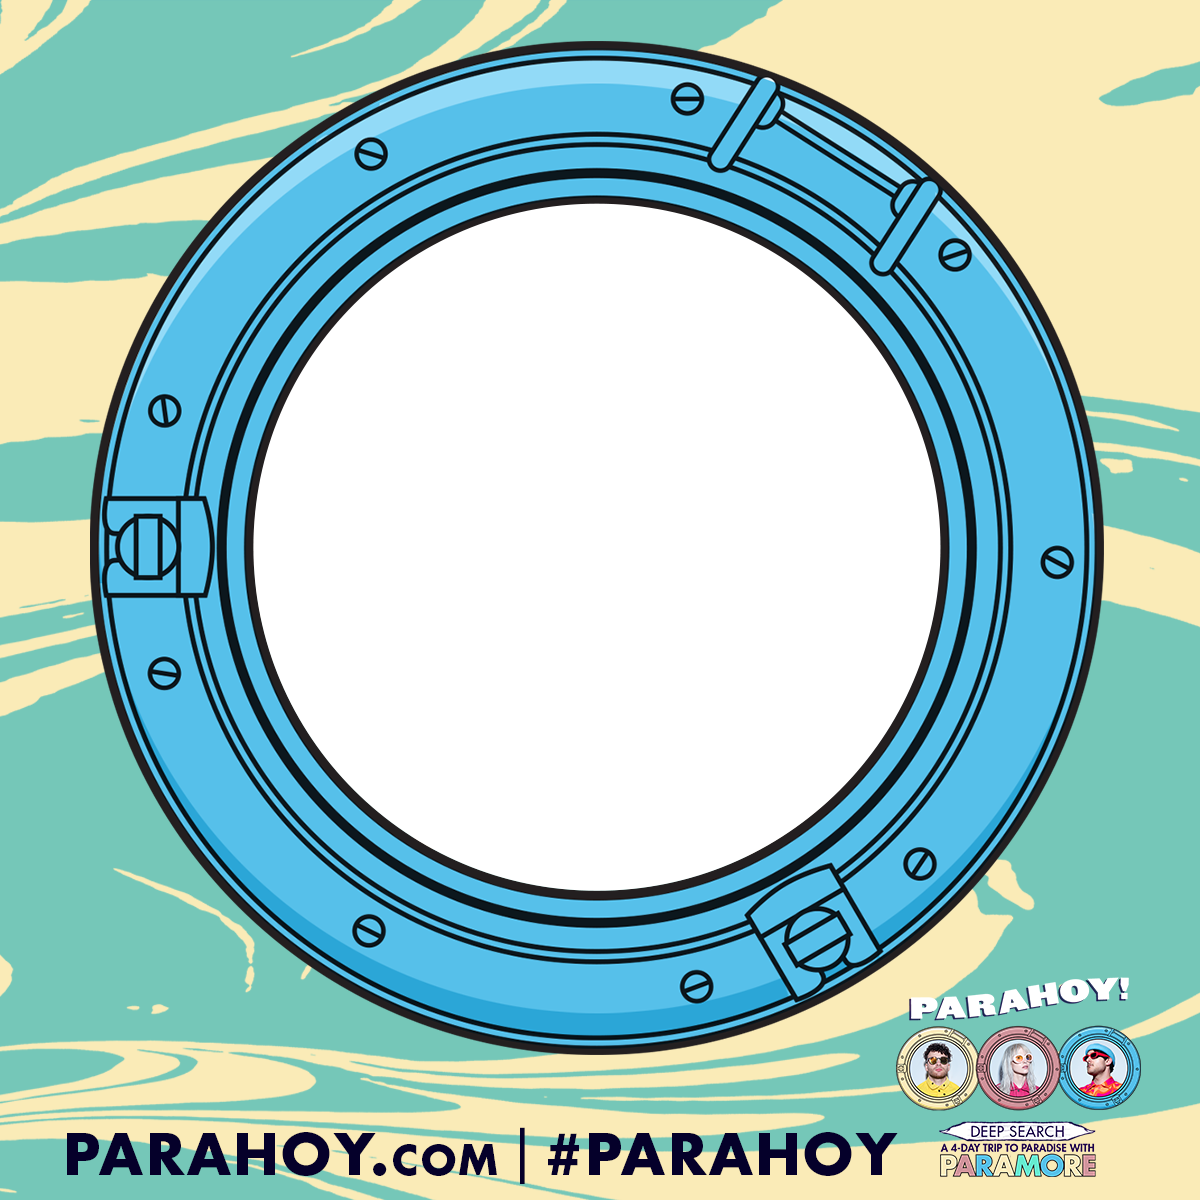 Pump Up Your Profile! - PARAHOY!